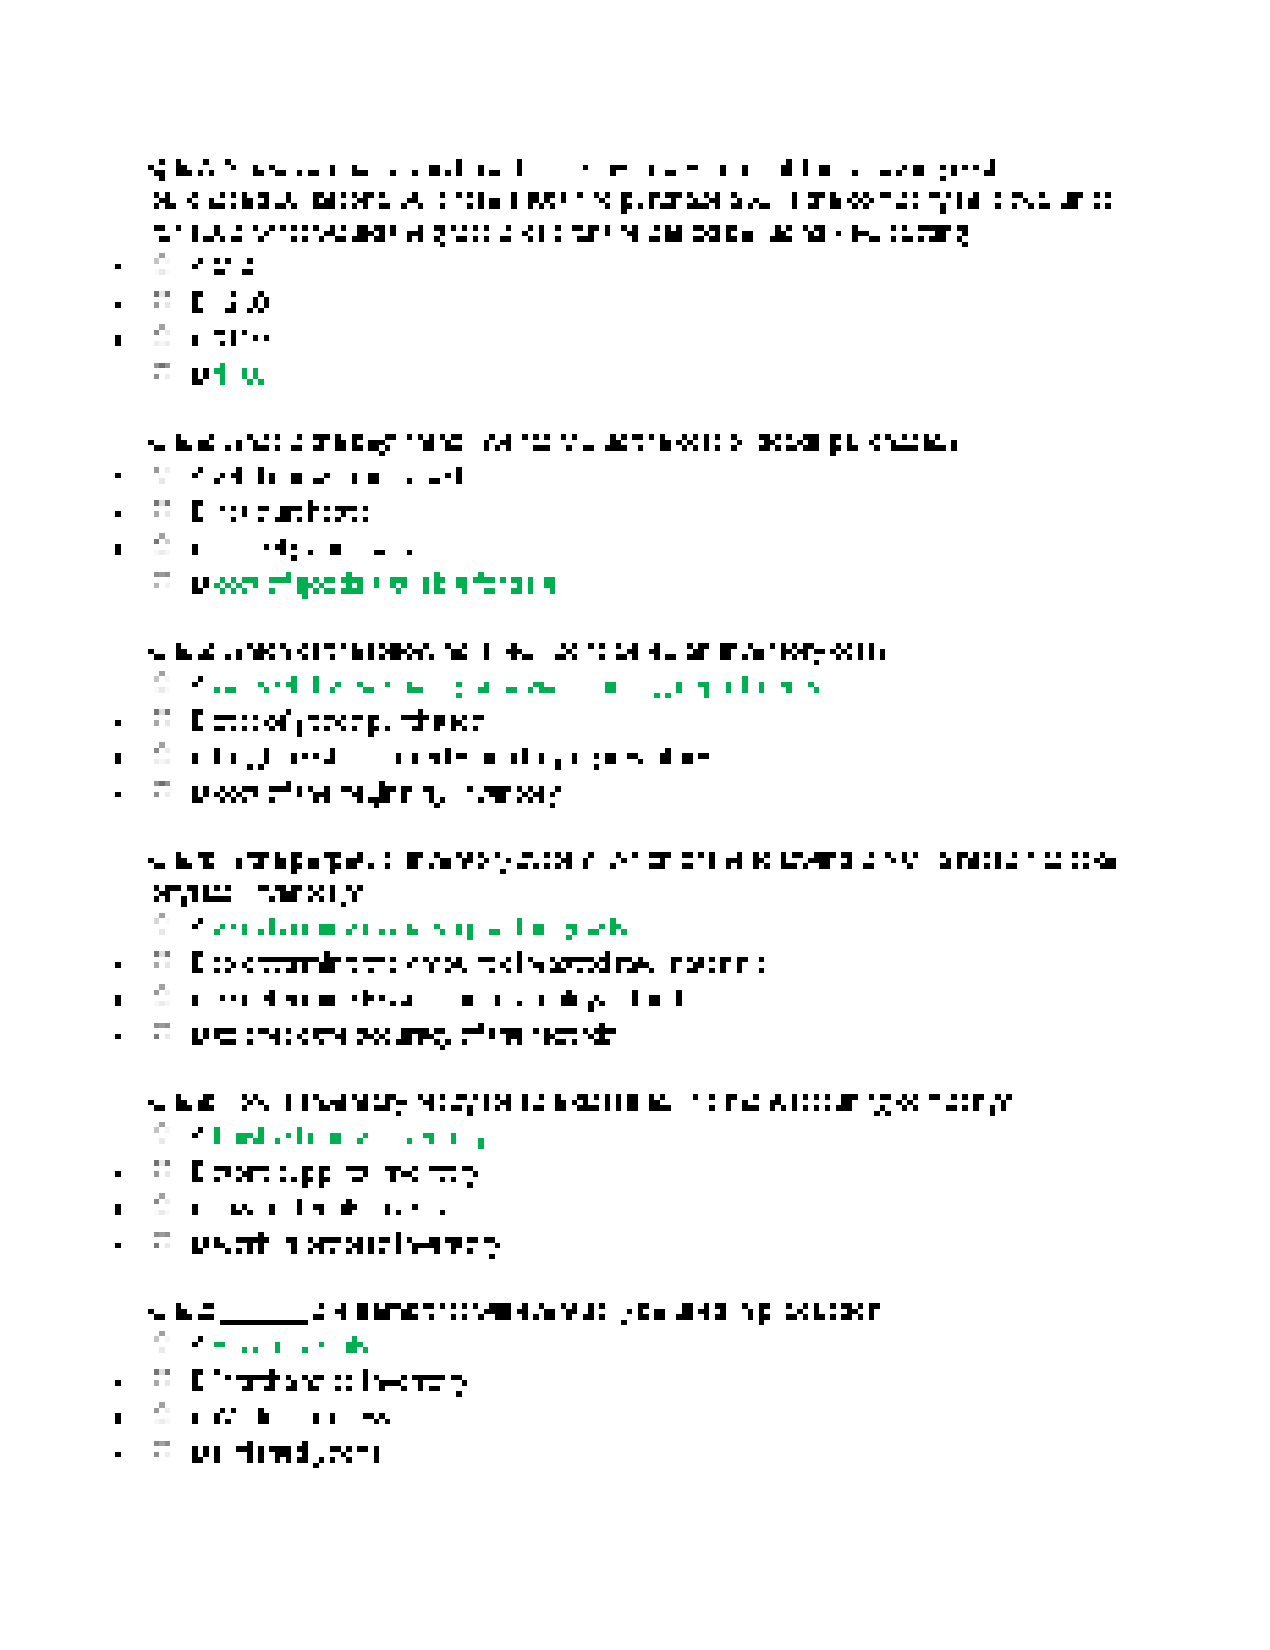 Introduction dans une dissertation de philosophie image 2